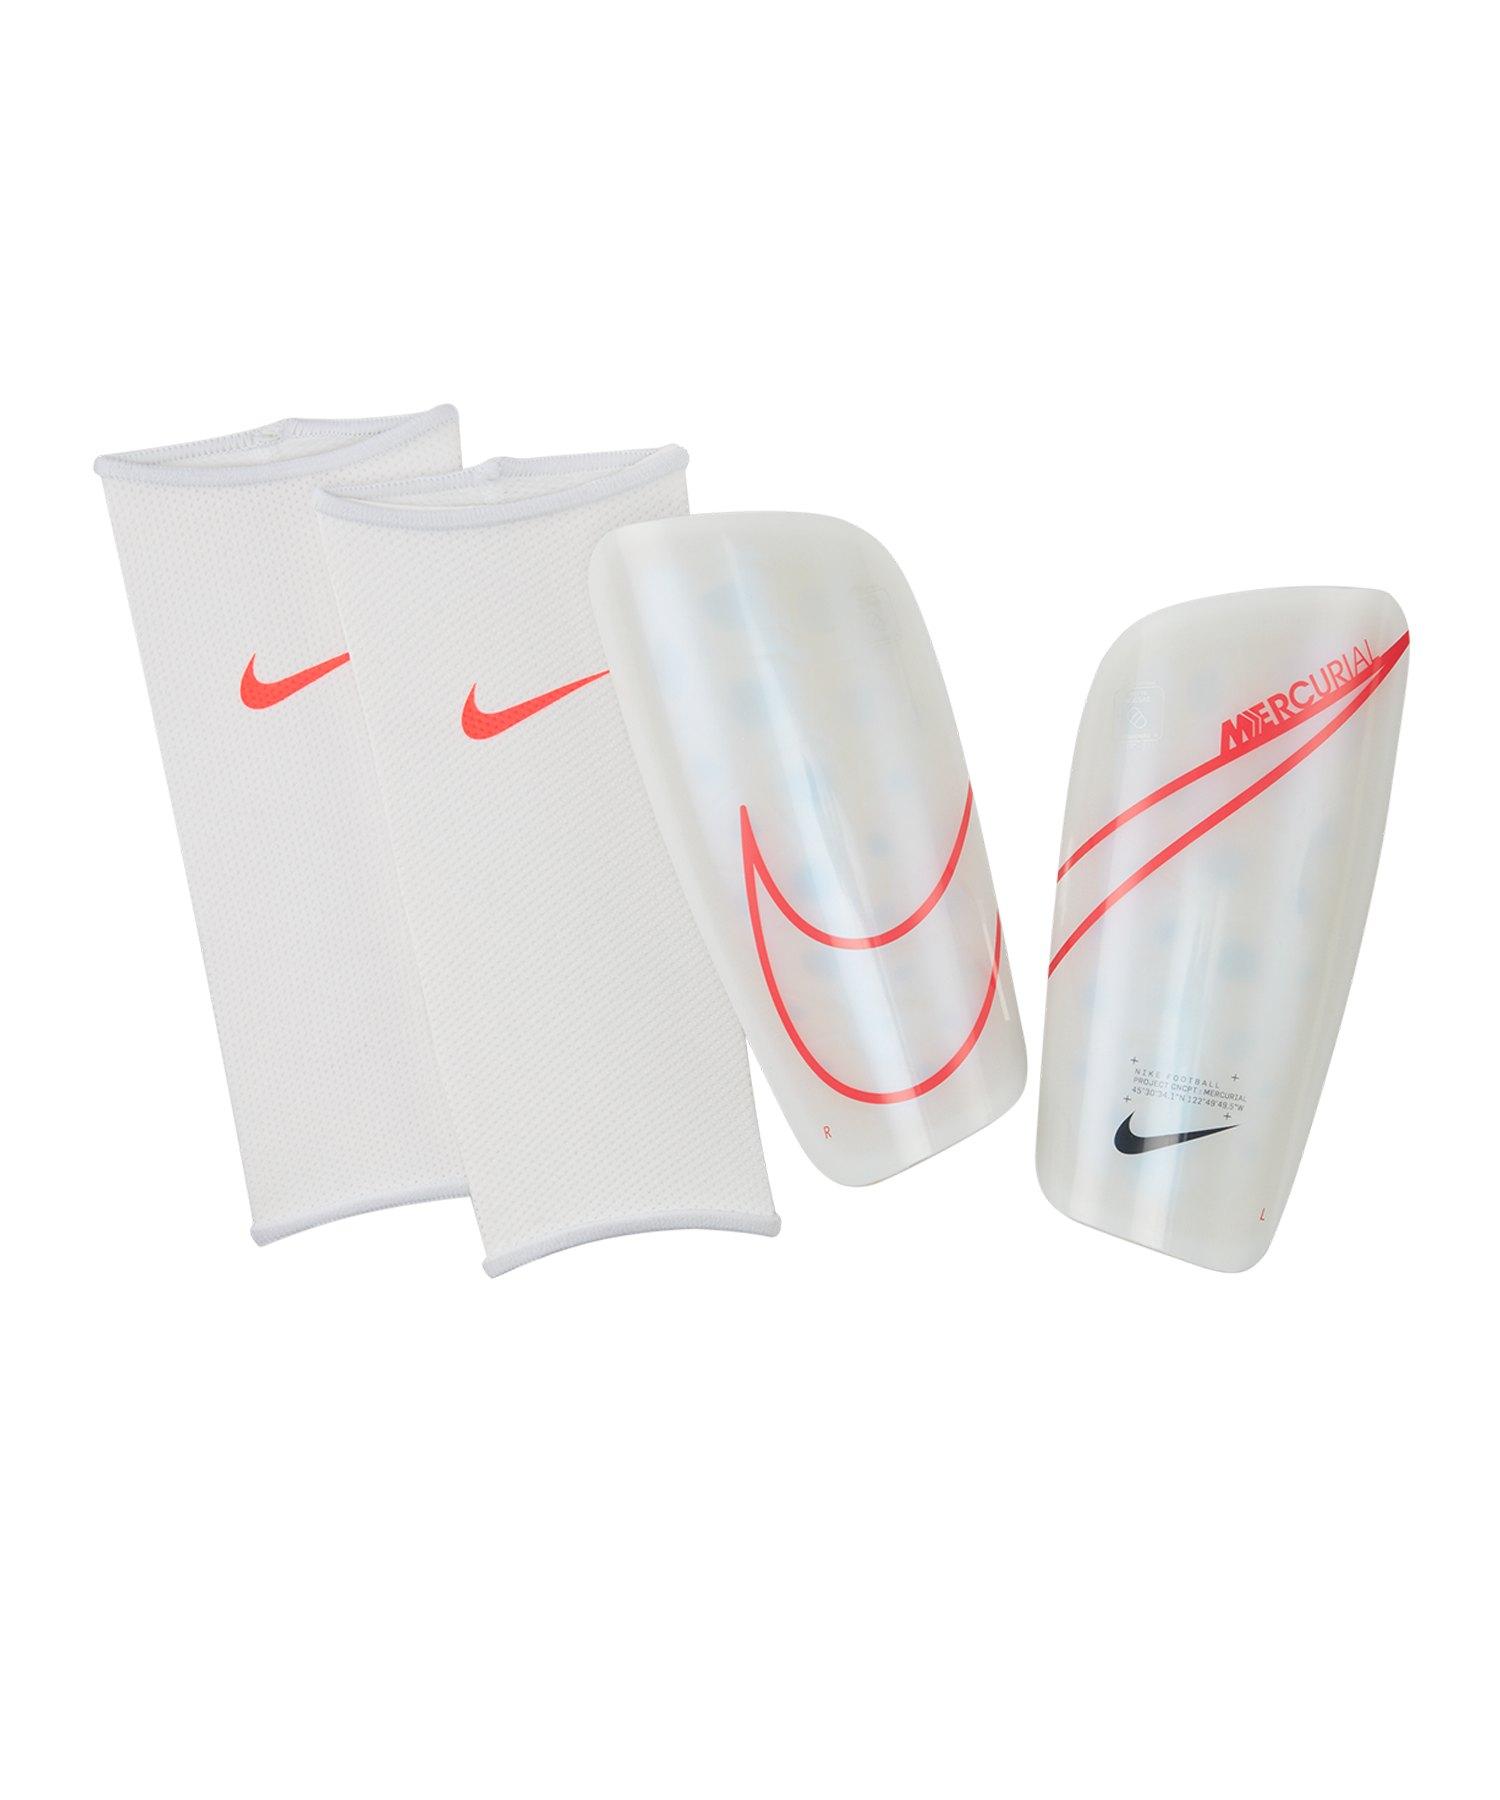 Nike Mercurial Lite Schienbeinschoner Weiss F105 - weiss